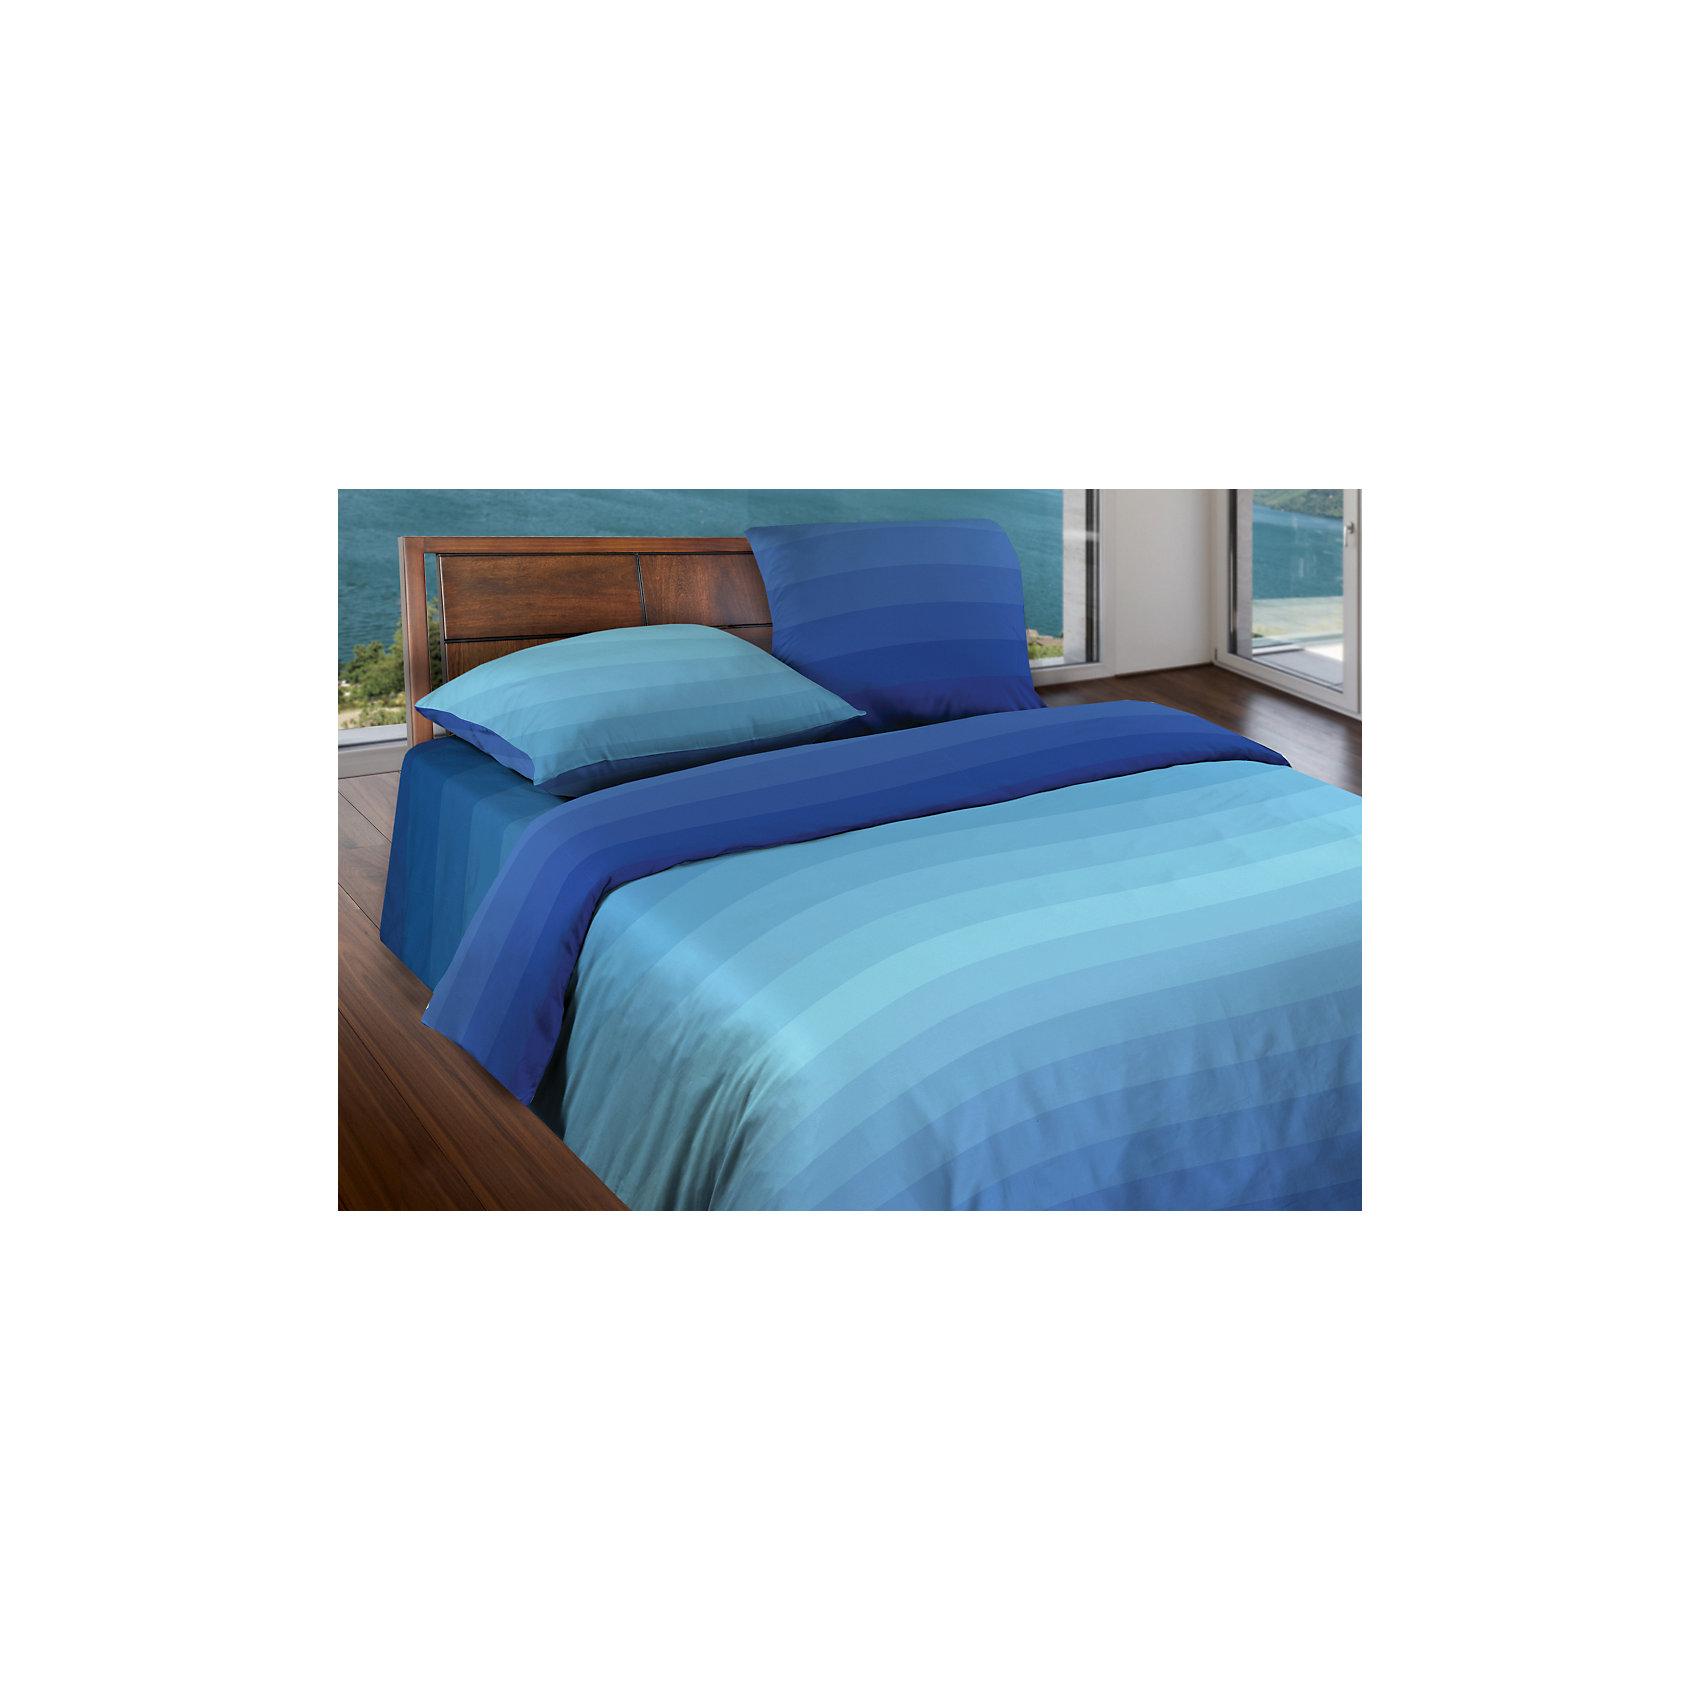 Постельное белье 2,0 сп. Flow Blue БИО Комфорт, Wenge MotionДомашний текстиль<br>Характеристики 2-хспального комплекта постельного белья   Flow Blue  БИО Комфорт, Wenge Motion:<br><br>- производитель: Неотек<br>- материал: бязь<br>- состав: 100% хлопок<br>- размер комплекта: двуспальный<br>- размер пододеяльника: 215*175 см.<br>- размер простыни: 220*240 см.<br>- размер наволочек: 70*70 (2 шт)<br>- упаковка комплекта: книжка пвх<br>- страна бренда: Россия<br>- страна производитель: Россия<br><br>Комплект 2-хспального комплекта постельного белья   Flow Blue  БИО Комфорт, Wenge Motion, выполненный в темно-голубом и светло-голубом тонах и  поражает простотой и одновременной роскошью своего дизайна, напоминая о классических мотивах и внося каплю этнического стиля в интерьер. Комплект постельного белья из 100%  бязи, основным преимуществом белья из этой ткани является то, что оно не выгорает и не теряет цвета даже после многократных стирок, а так же гипоаллергенно. Ткань практически не мнется, хорошо стирается. Комплект рекомендуется стирать в машинке при 40–60?, без сильного отжима. При соблюдении всех правил белье не теряет цвет даже после 200–300 стирок. Следует соблюдать осторожность при использовании острых предметов, которые могут образовать на ткани затяжки. Комплект  Flow Blue  может стать отличным подарком для Вас и Ваших любимых! Сделает Ваш сон комфортным и уютным, привнесет буйство красок в Вашу спальную комнату!<br><br>Комплекта постельного белья   Flow Blue  серии Wenge Motion можно купить в нашем интернет-магазине.<br><br>Ширина мм: 370<br>Глубина мм: 70<br>Высота мм: 370<br>Вес г: 2100<br>Возраст от месяцев: 216<br>Возраст до месяцев: 1188<br>Пол: Унисекс<br>Возраст: Детский<br>SKU: 5100127